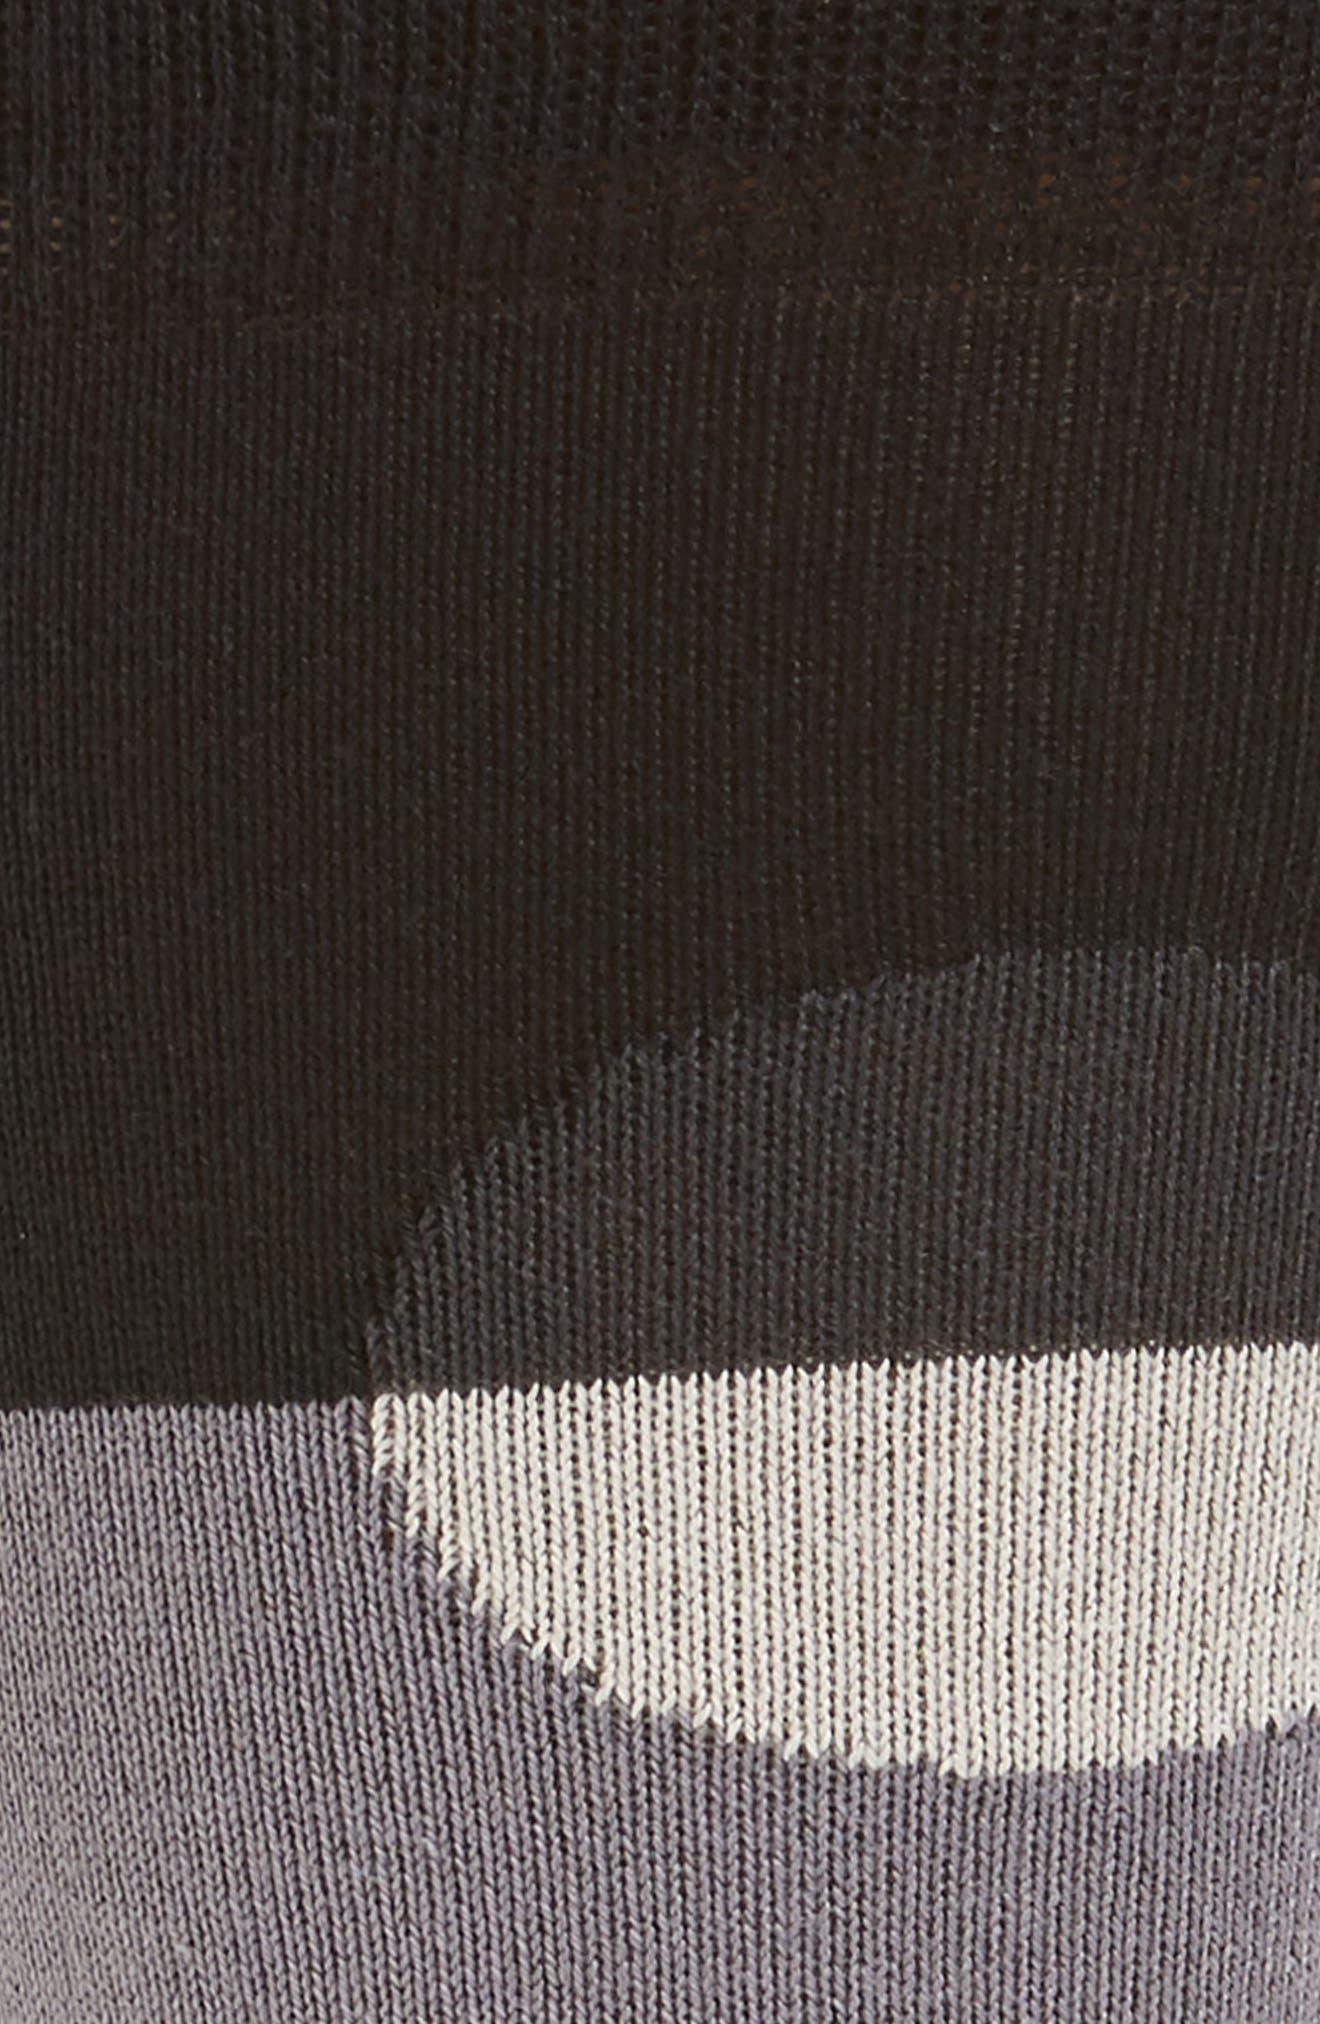 Crescent Dot Socks,                             Alternate thumbnail 2, color,